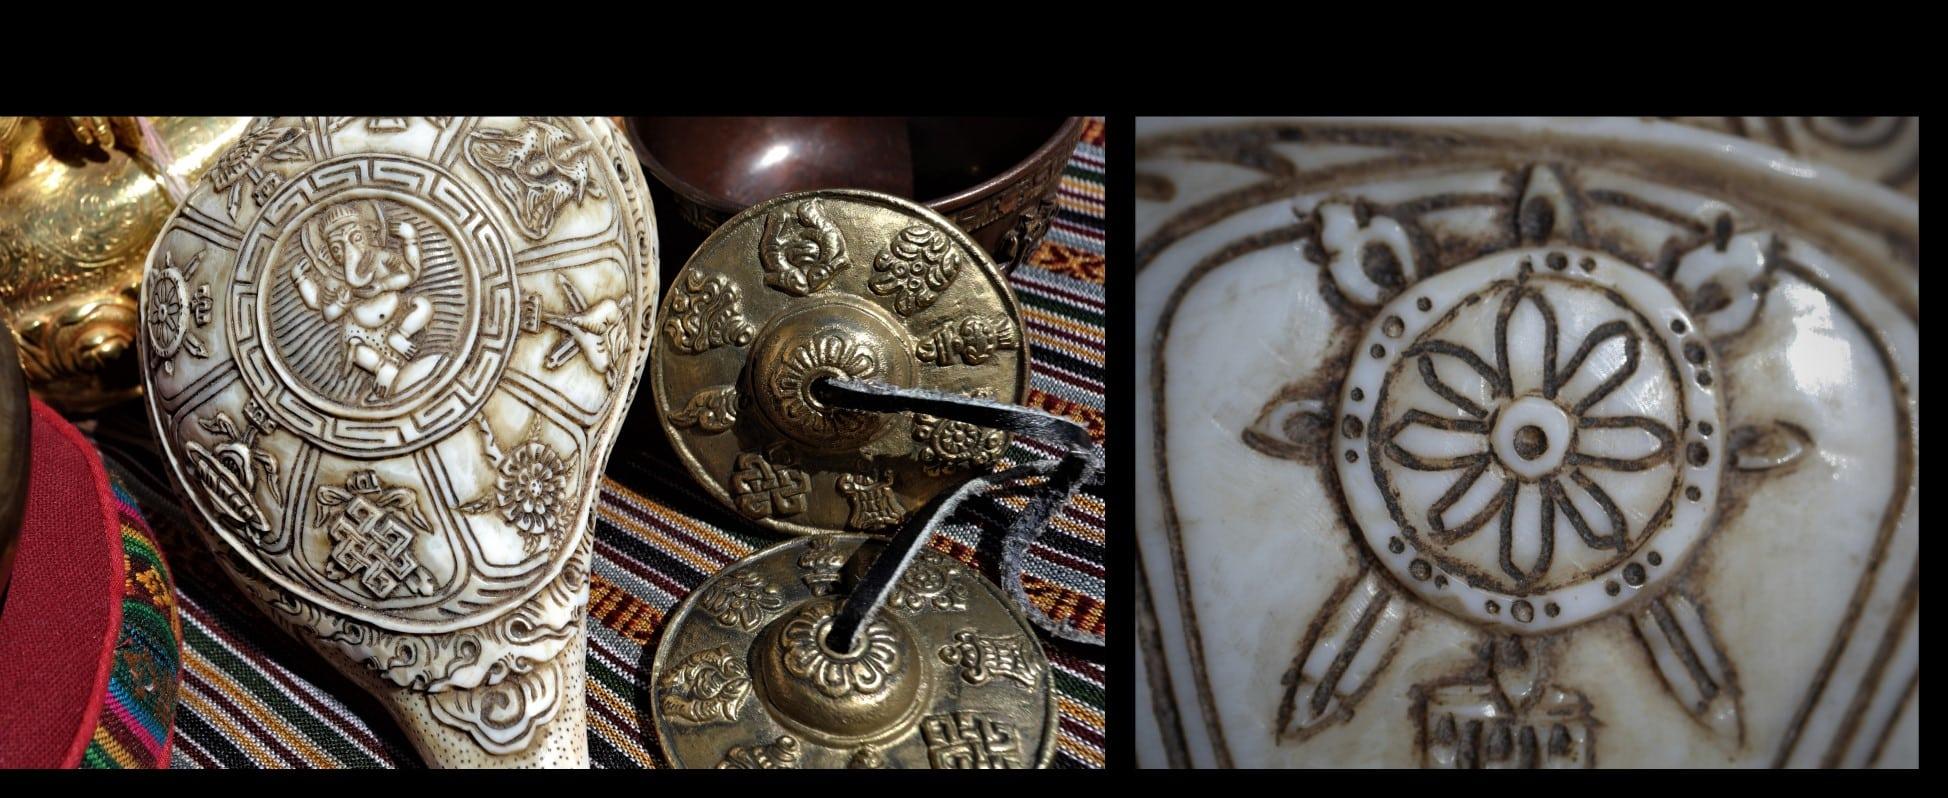 roue Ashtamangala huit symbole bon augure Mes Indes Galantes Paris